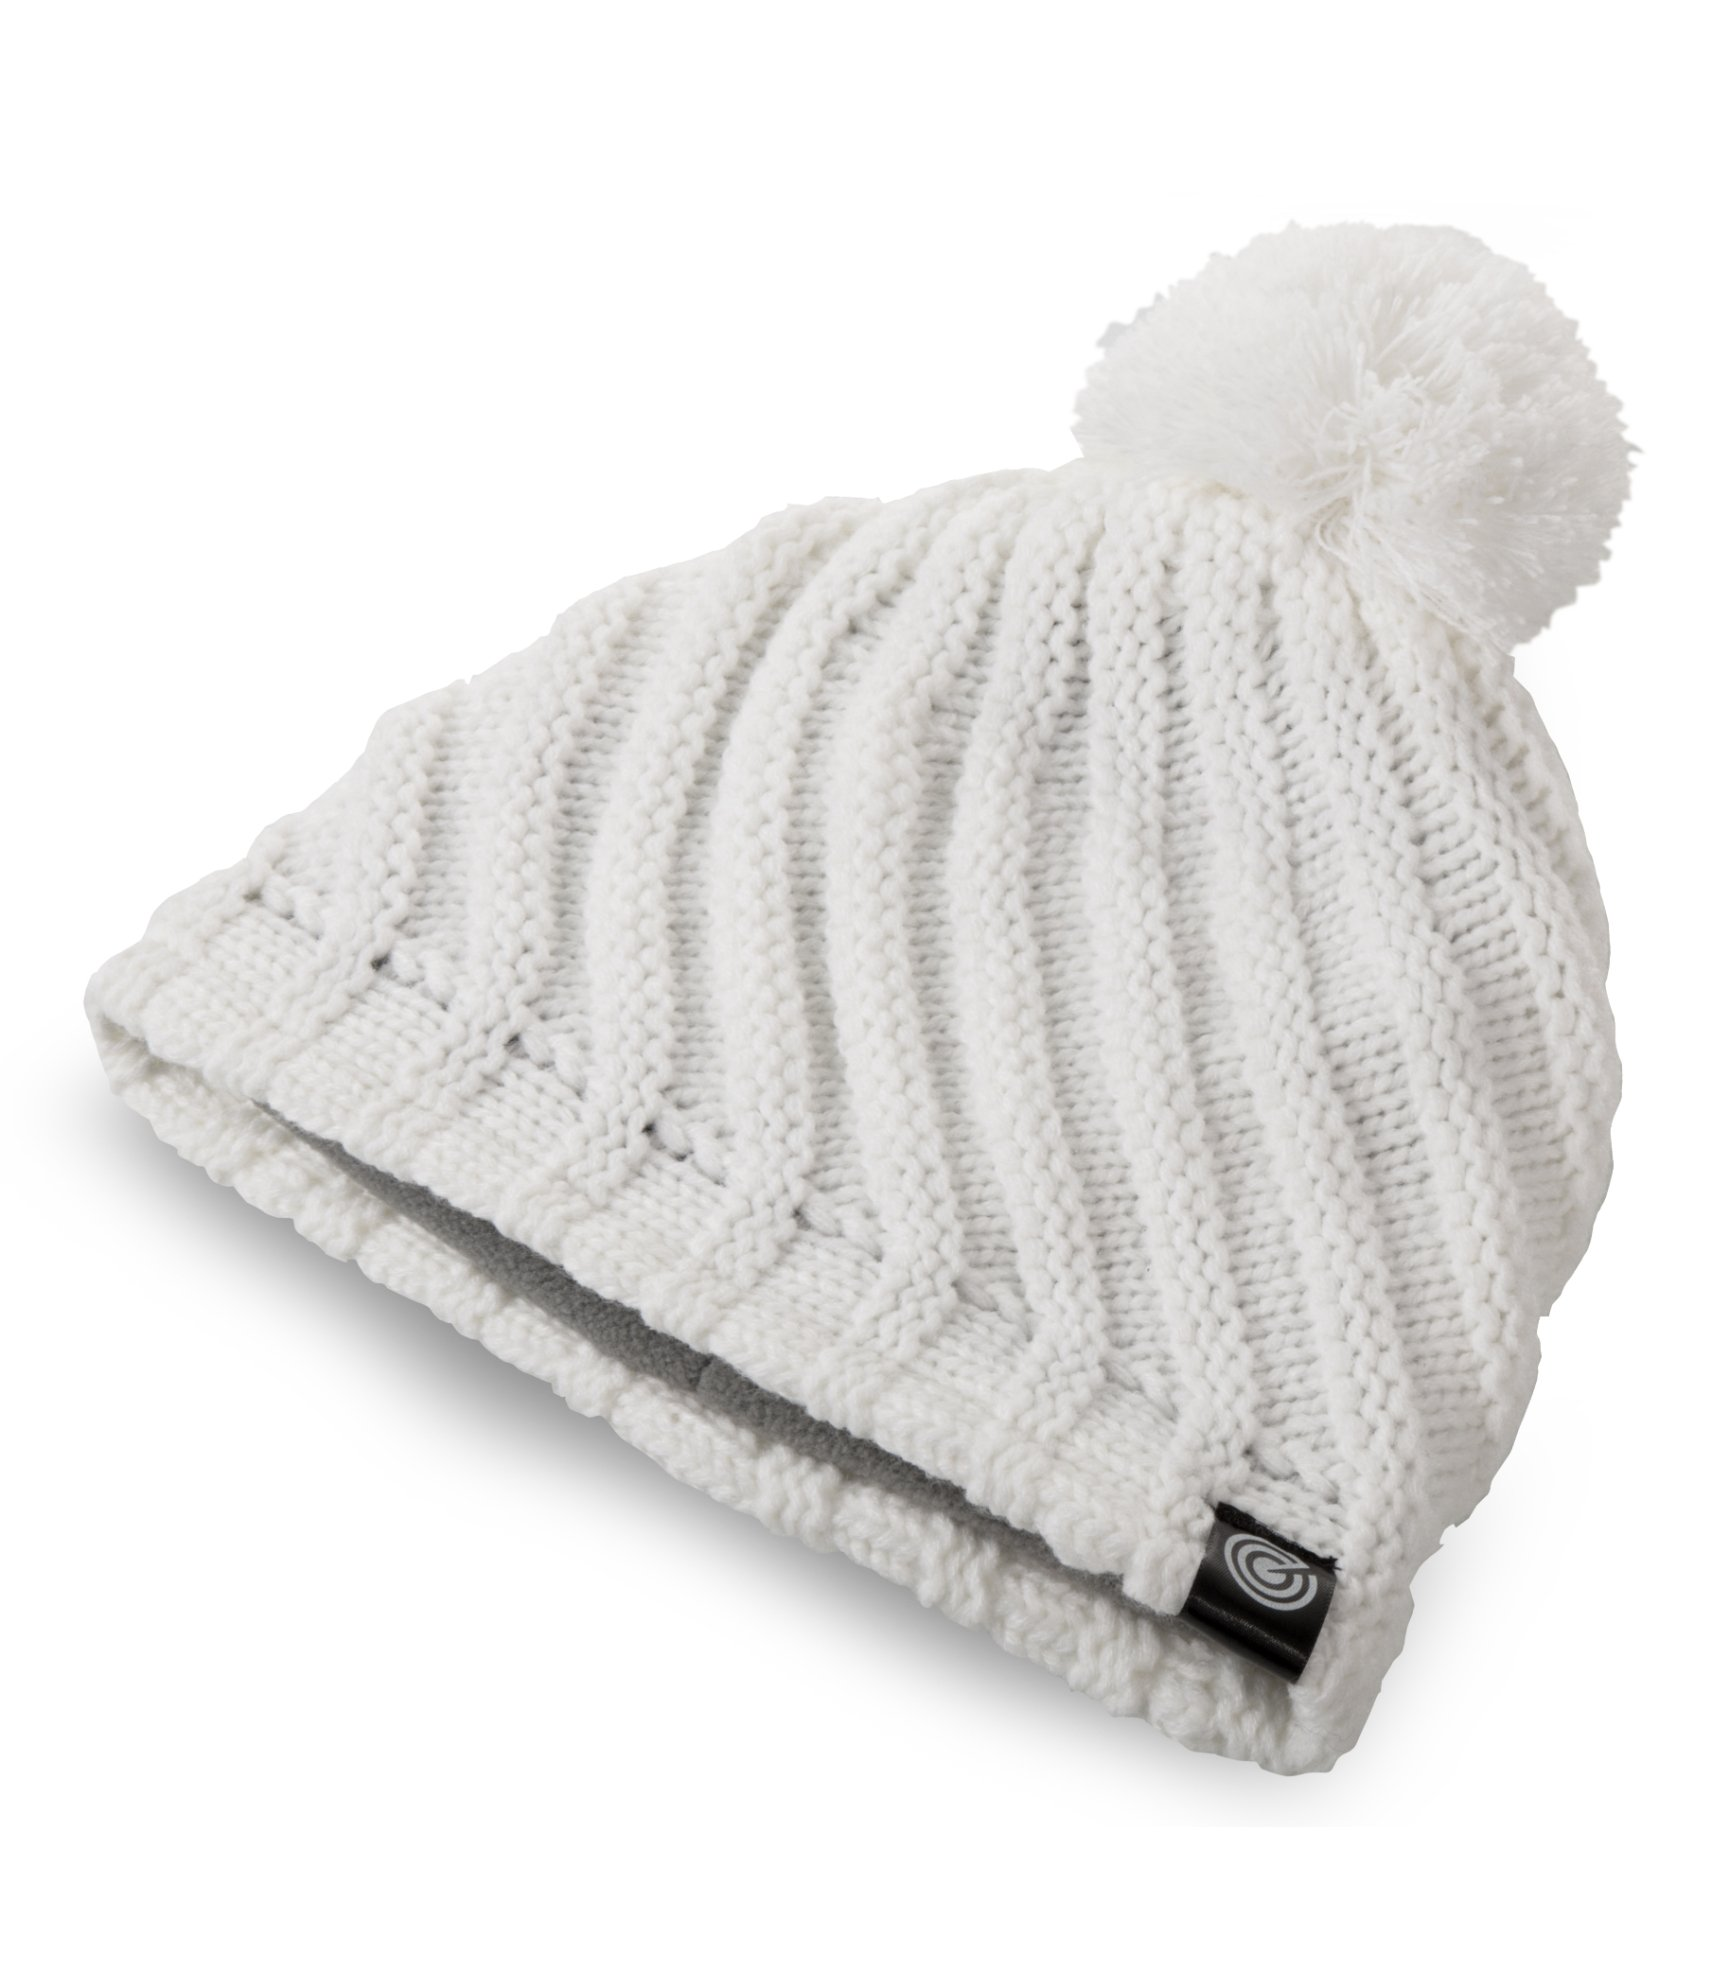 Stylish Pom Pom Beanie Hat - Warm Cozy Fleece Lining - White - One Size